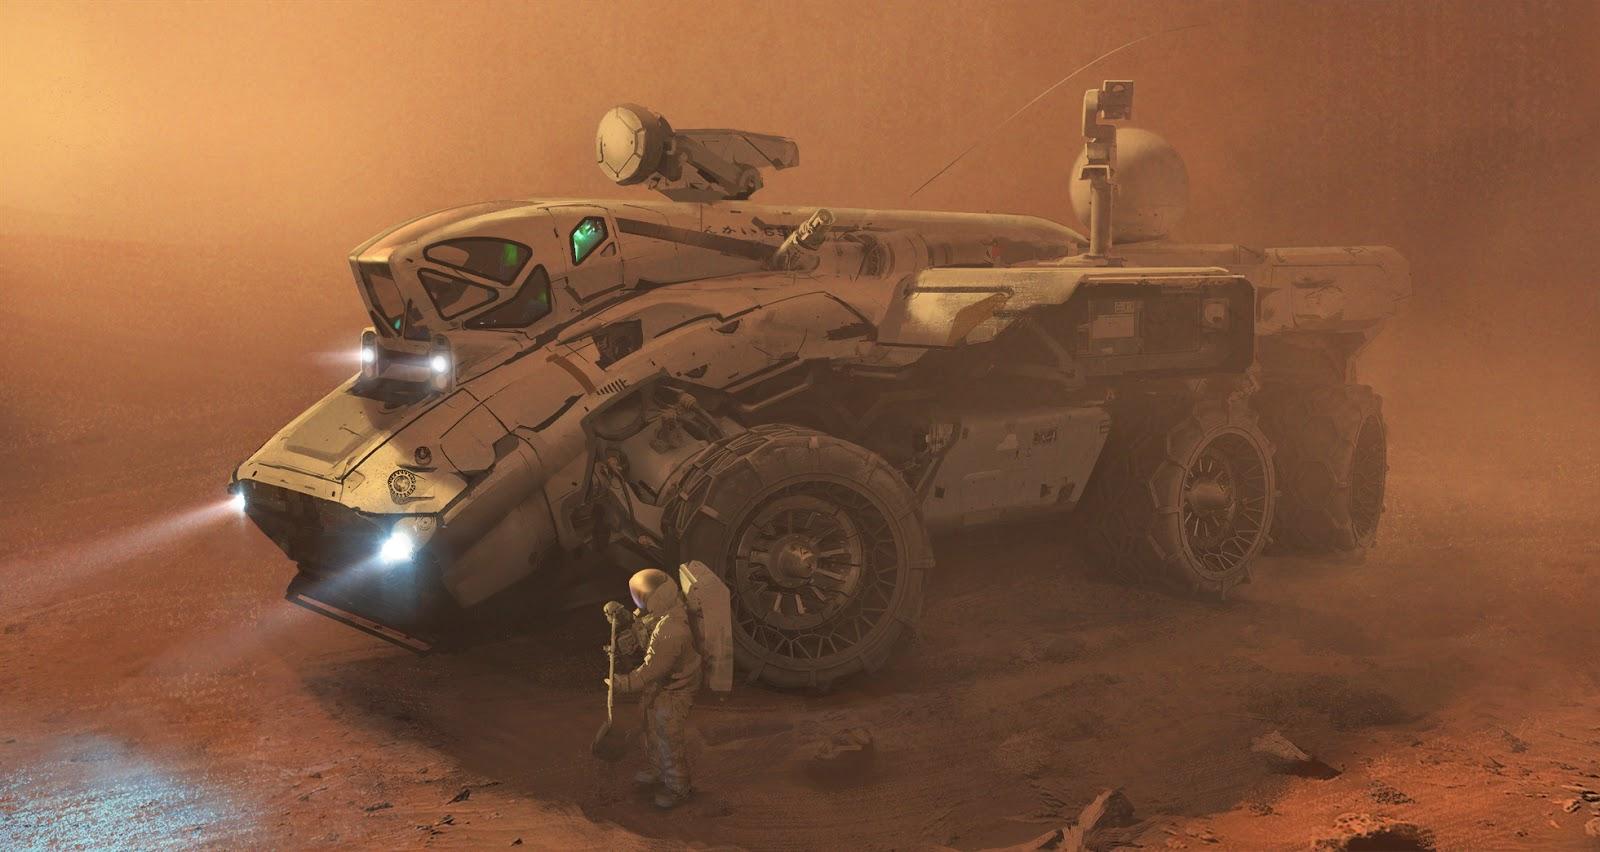 Mars rover by Erik van Helvoirt